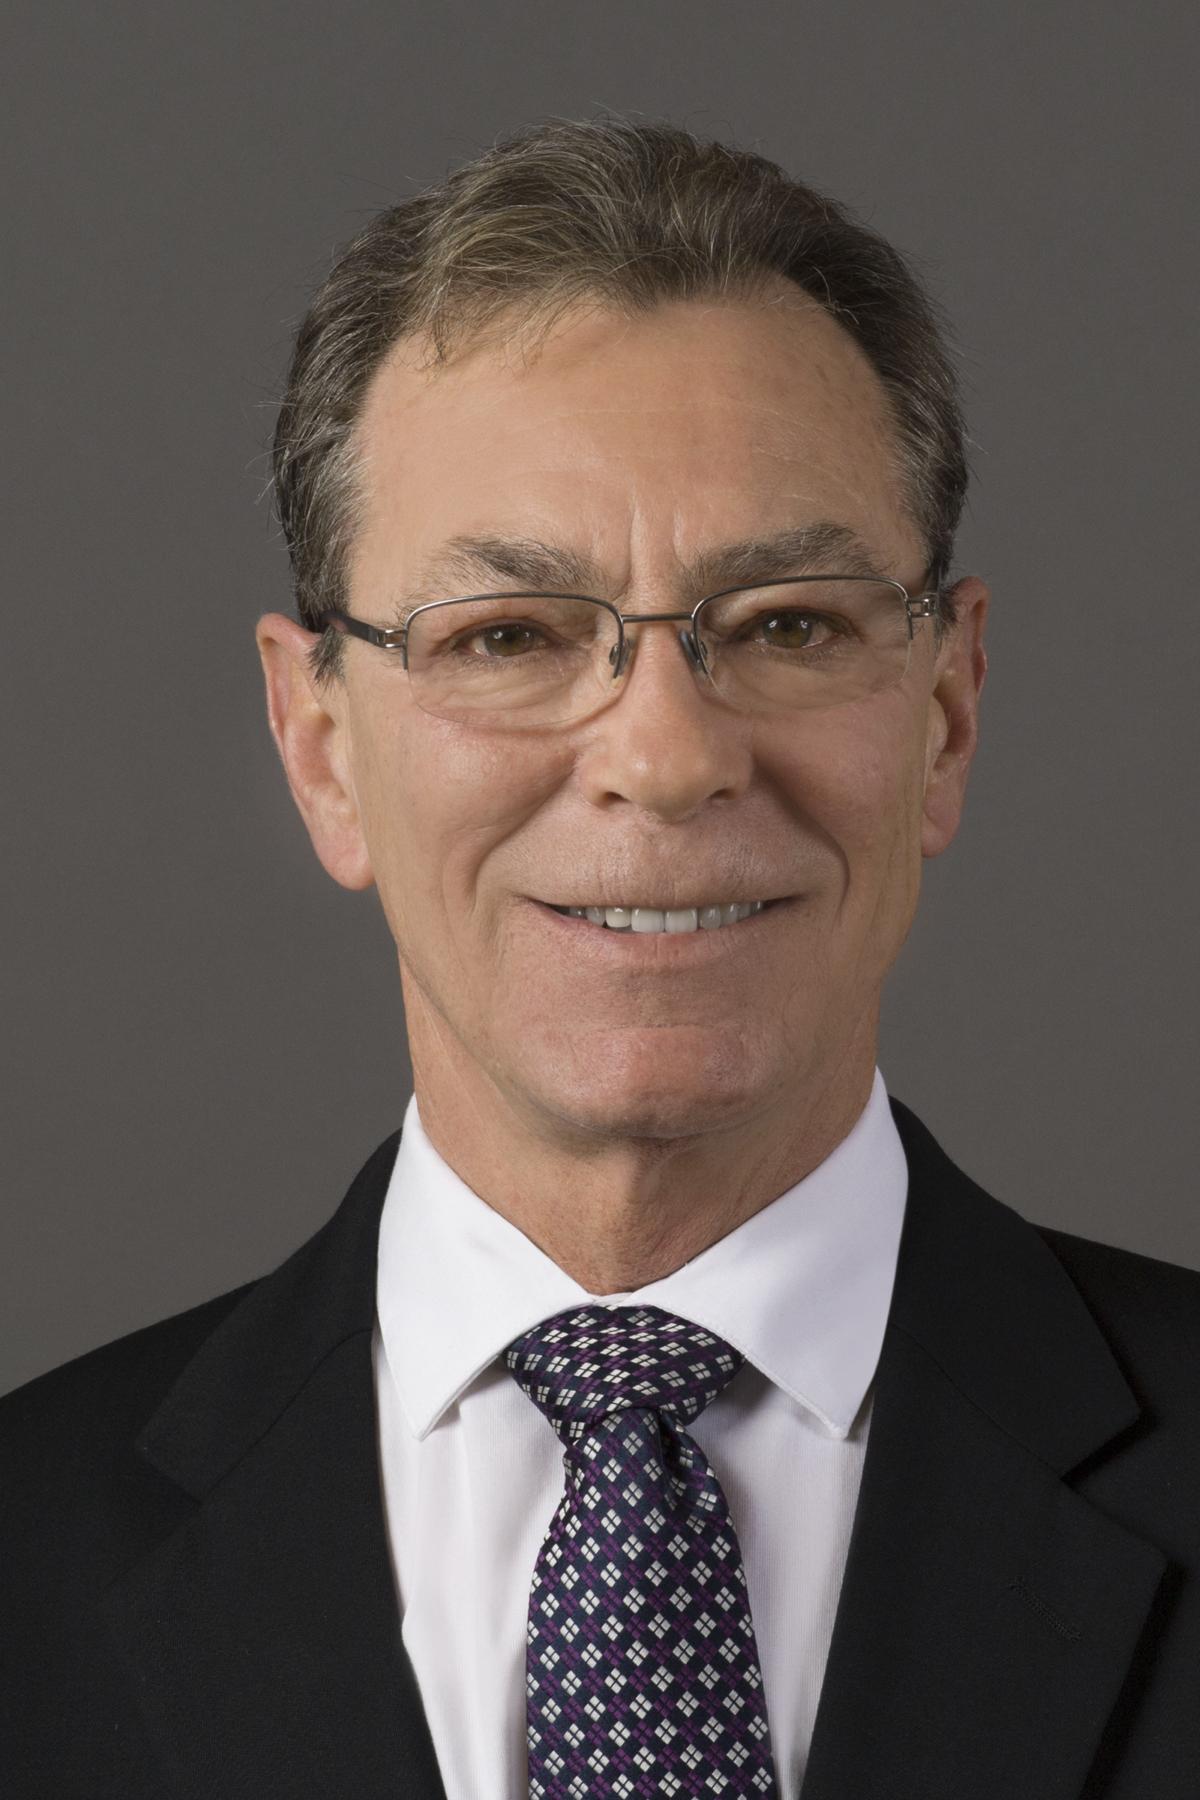 Ward 1 Councillor, Jim Tovey